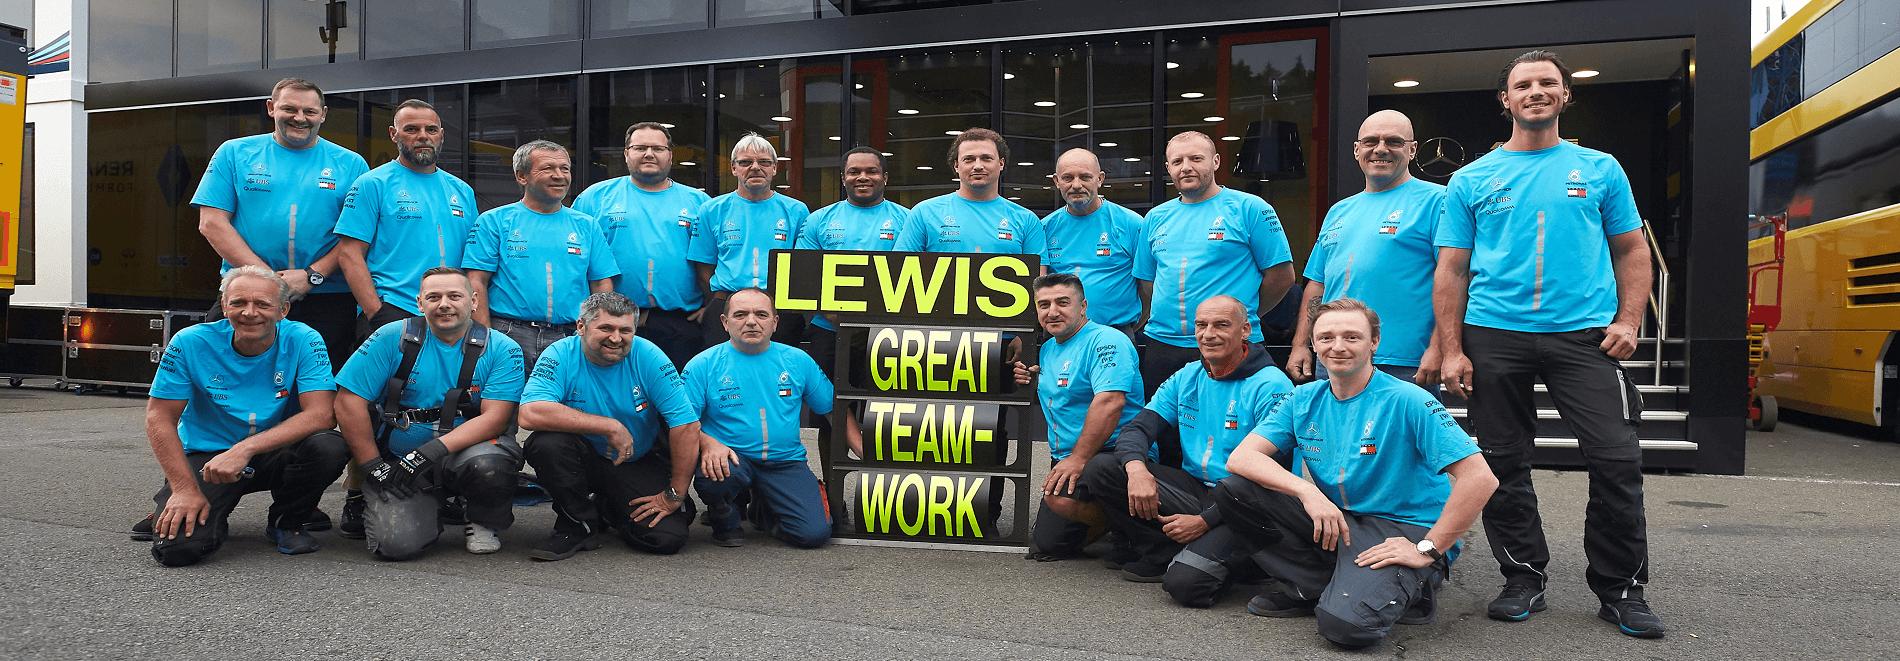 Teamgeist für Operation Formel 1